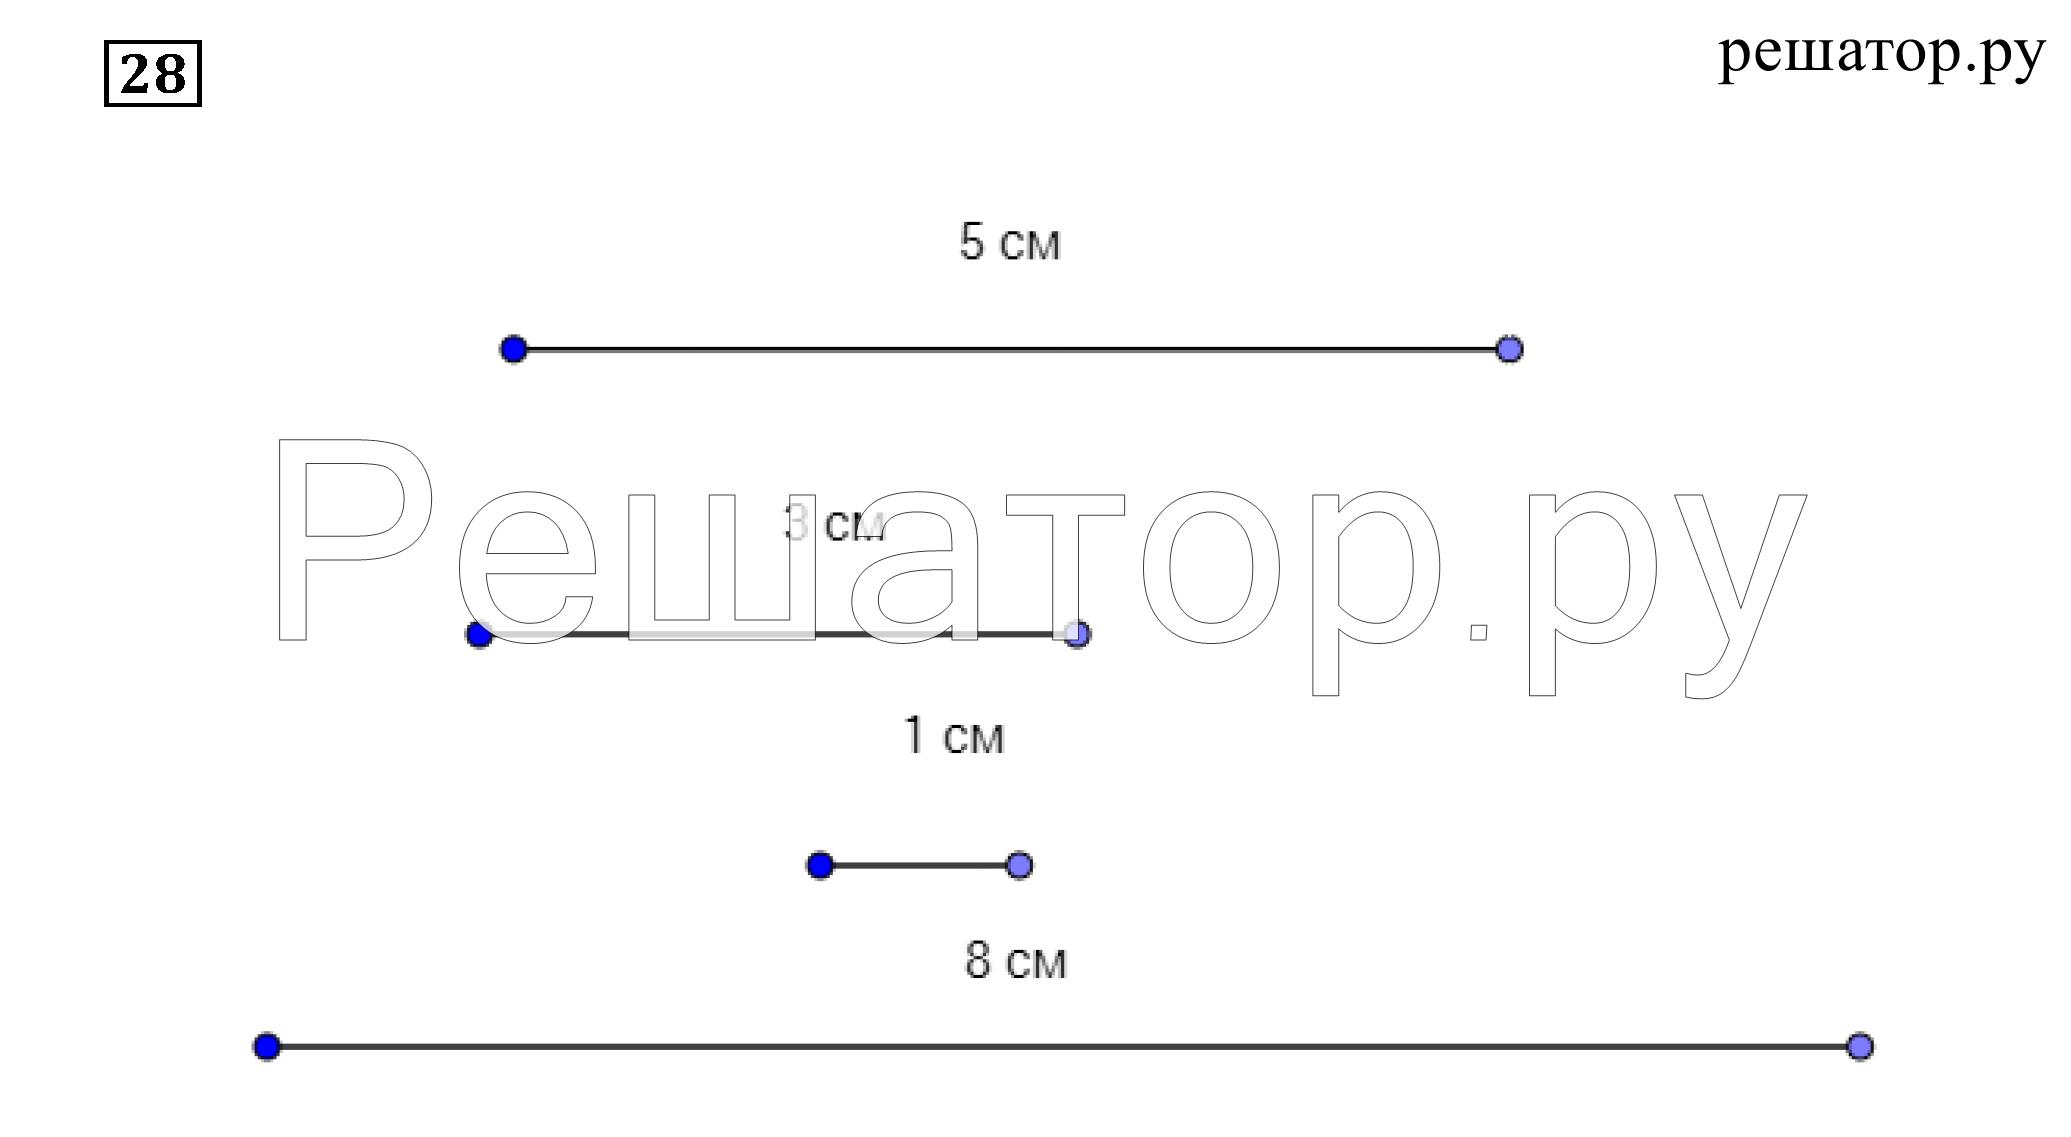 Смотреть решебник по математике 5 класс бунимович дорофеев